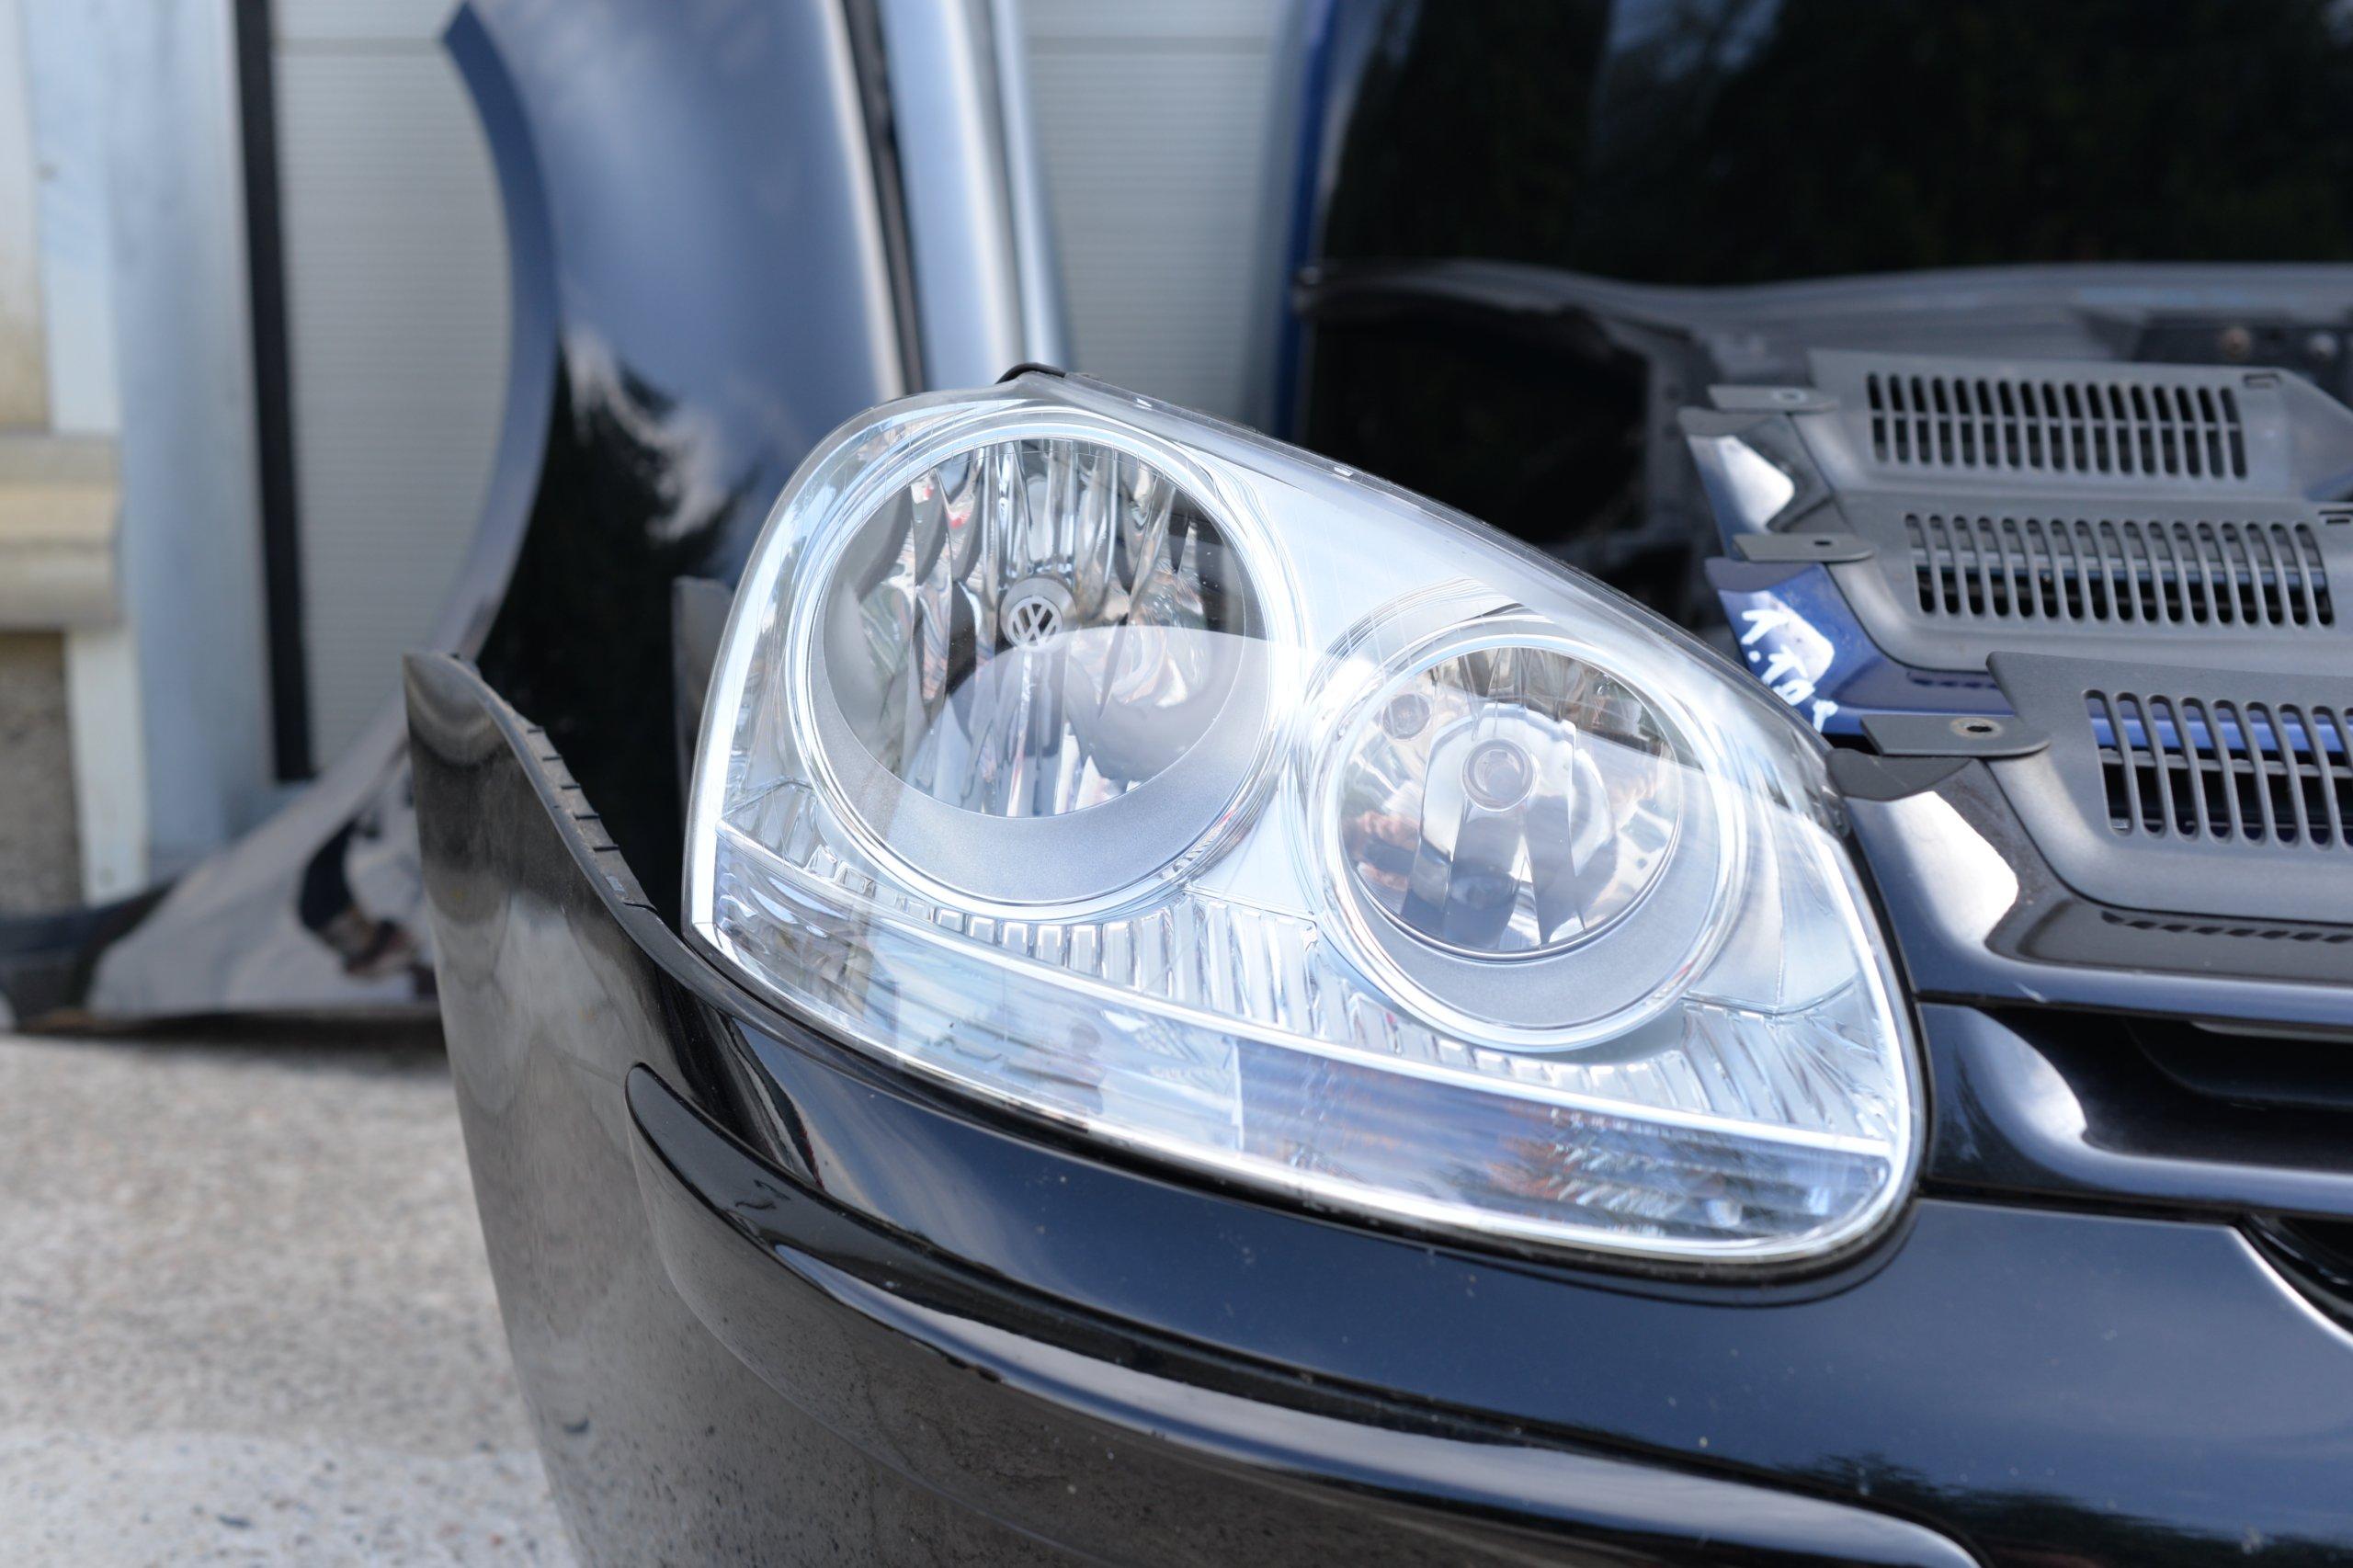 [КАПОТ ZDERZAK КРЫЛО PAS REFLEKTOR VW GOLF V 5 из Польши]изображение 8